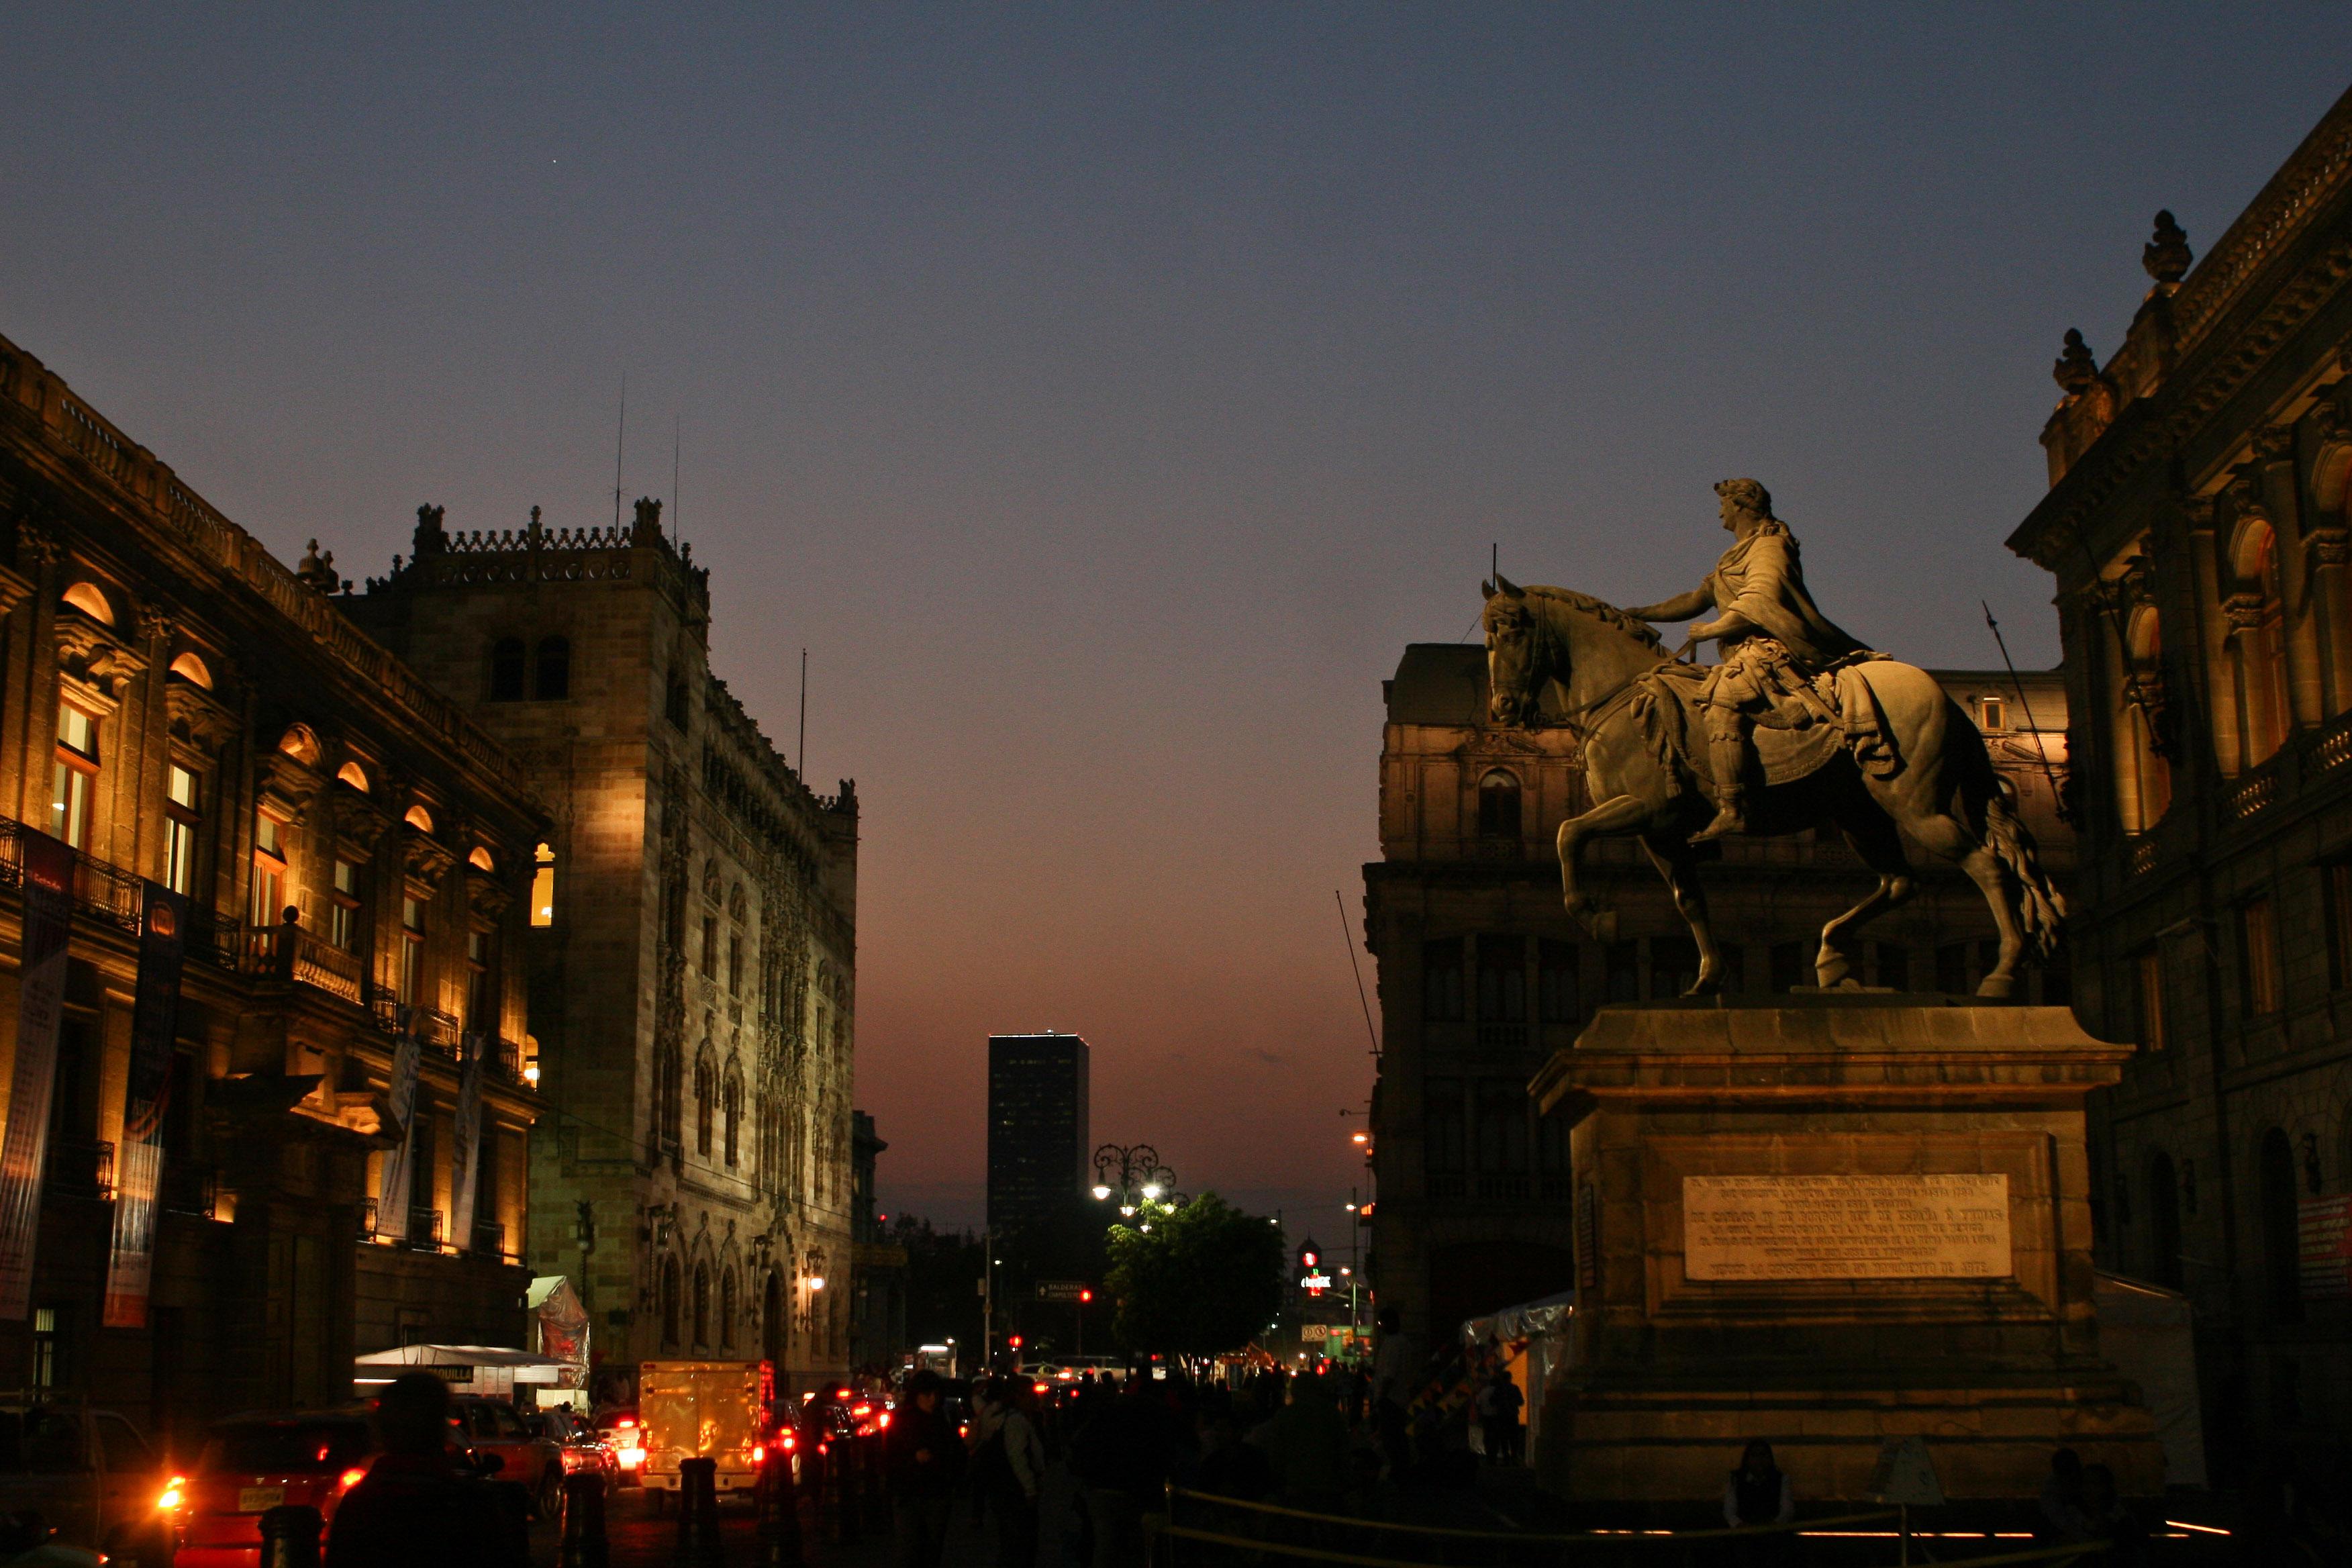 Eros, el dios griego del amor, ha dado la espalda al urbanismo moderno.